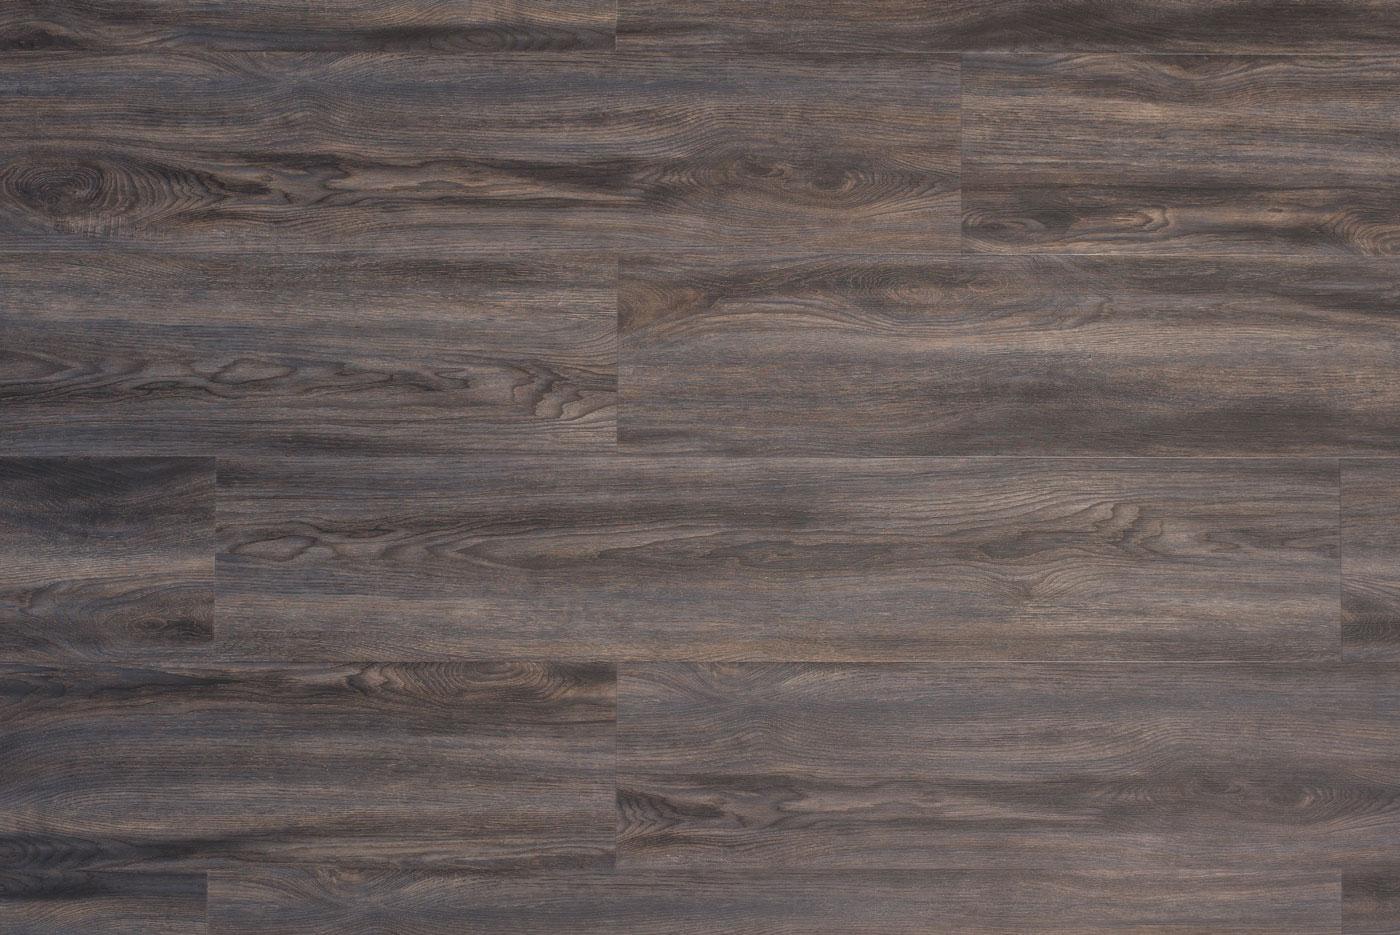 Floer dorpen pvc zandberg zwart eiken bruin vinyl vloer